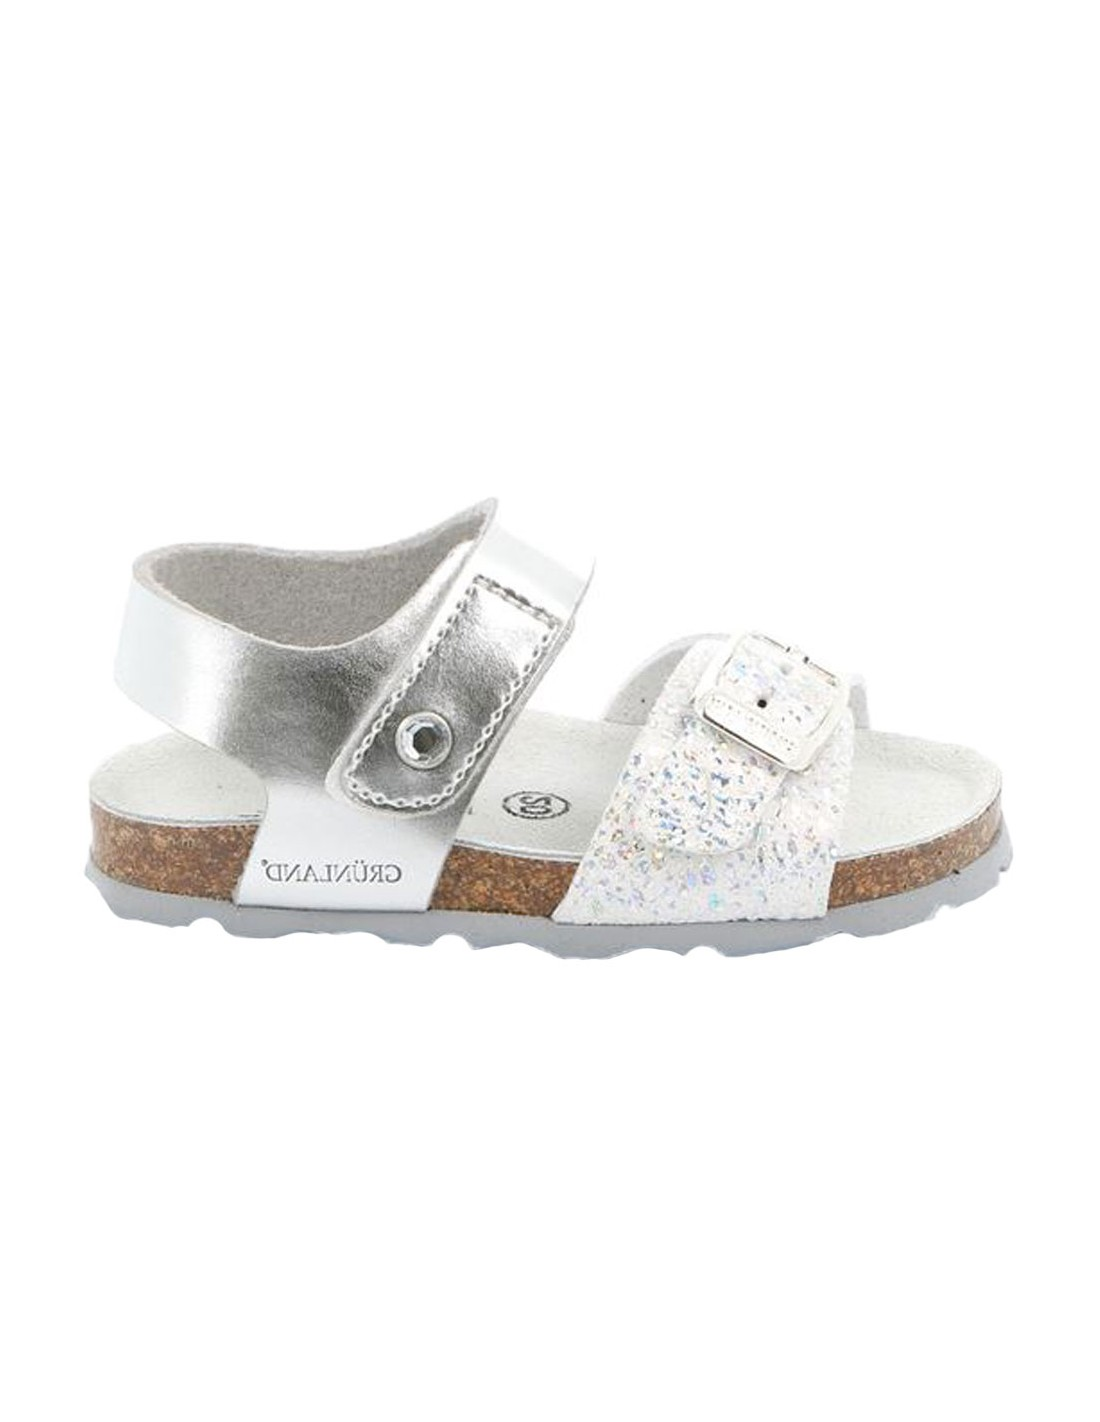 prezzi stati Uniti comprare reale Sandali Grunland Aria da bambina paillettes argento